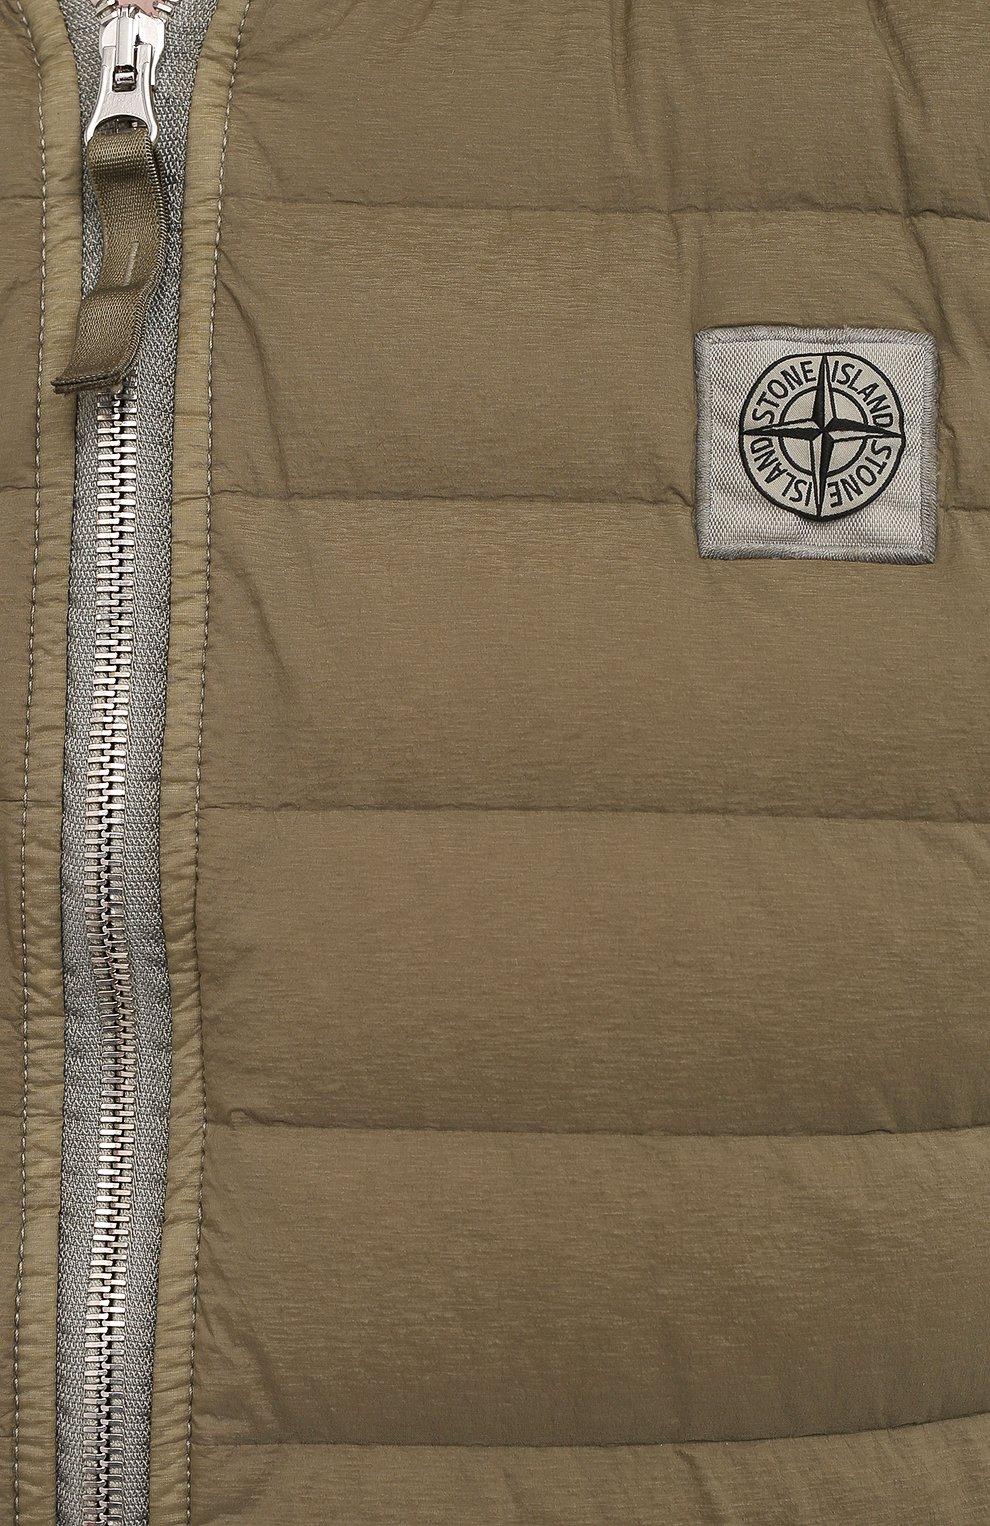 Мужской пуховый жилет STONE ISLAND хаки цвета, арт. 7415G0225   Фото 5 (Кросс-КТ: Куртка, Пуховик; Материал внешний: Синтетический материал; Материал подклада: Синтетический материал; Длина (верхняя одежда): Короткие; Материал утеплителя: Пух и перо; Стили: Кэжуэл)